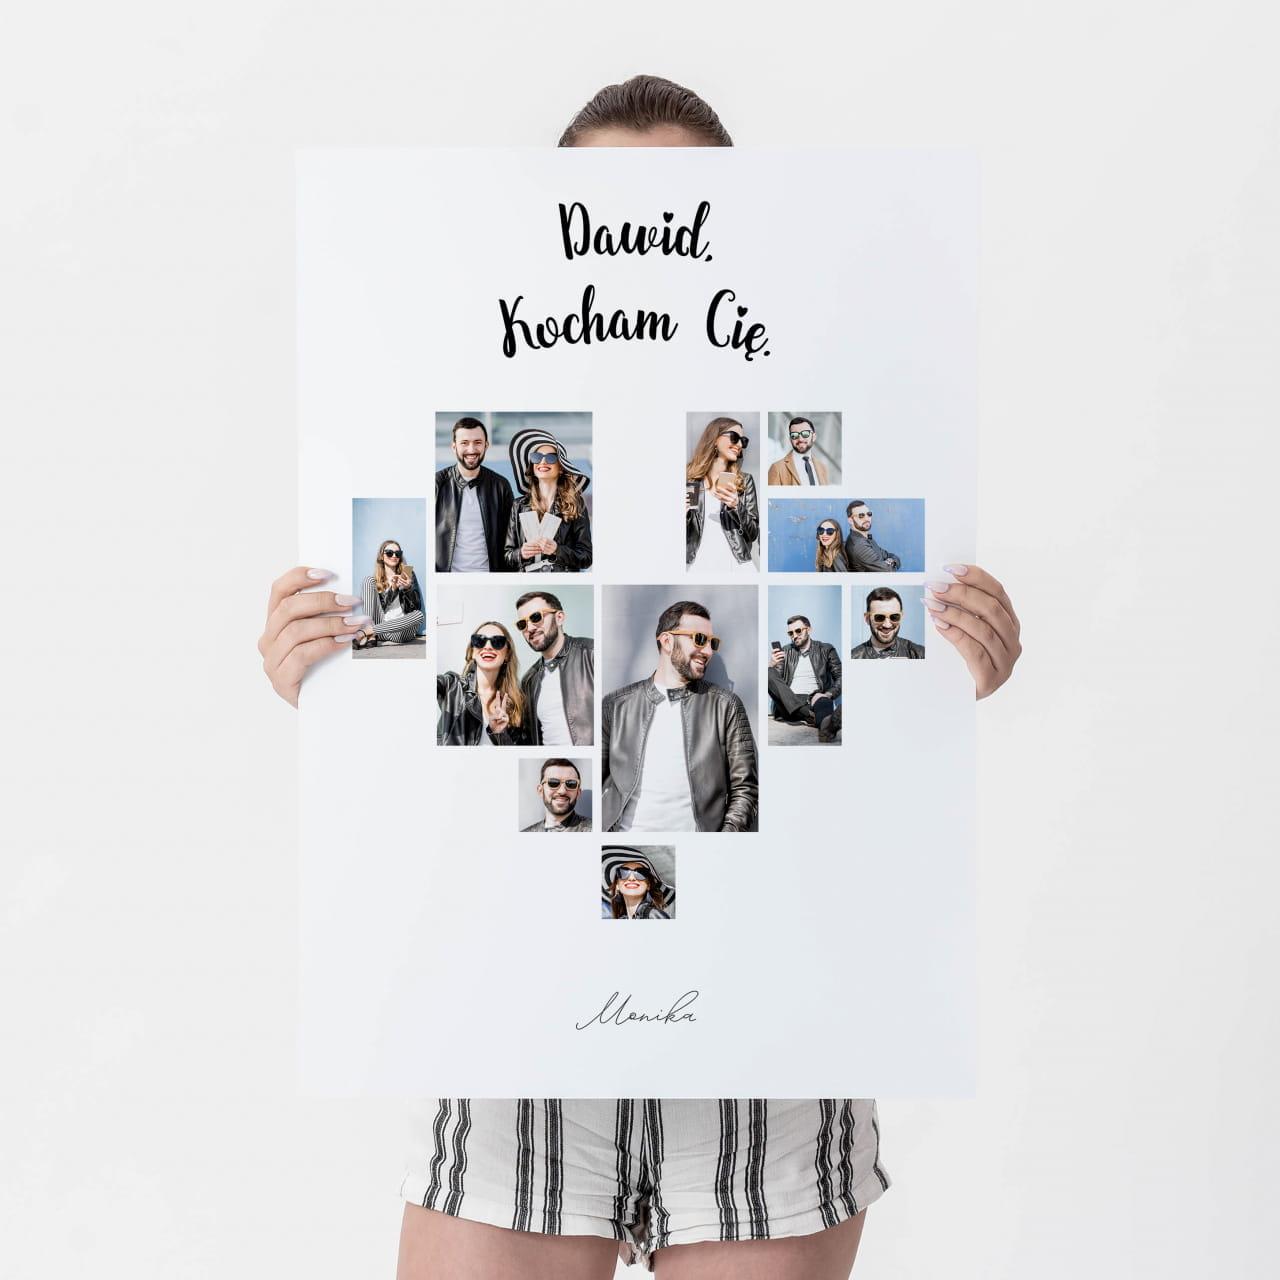 Fotoplakat dla chłopaka jako prezent na pożegnanie przed wyjazdem